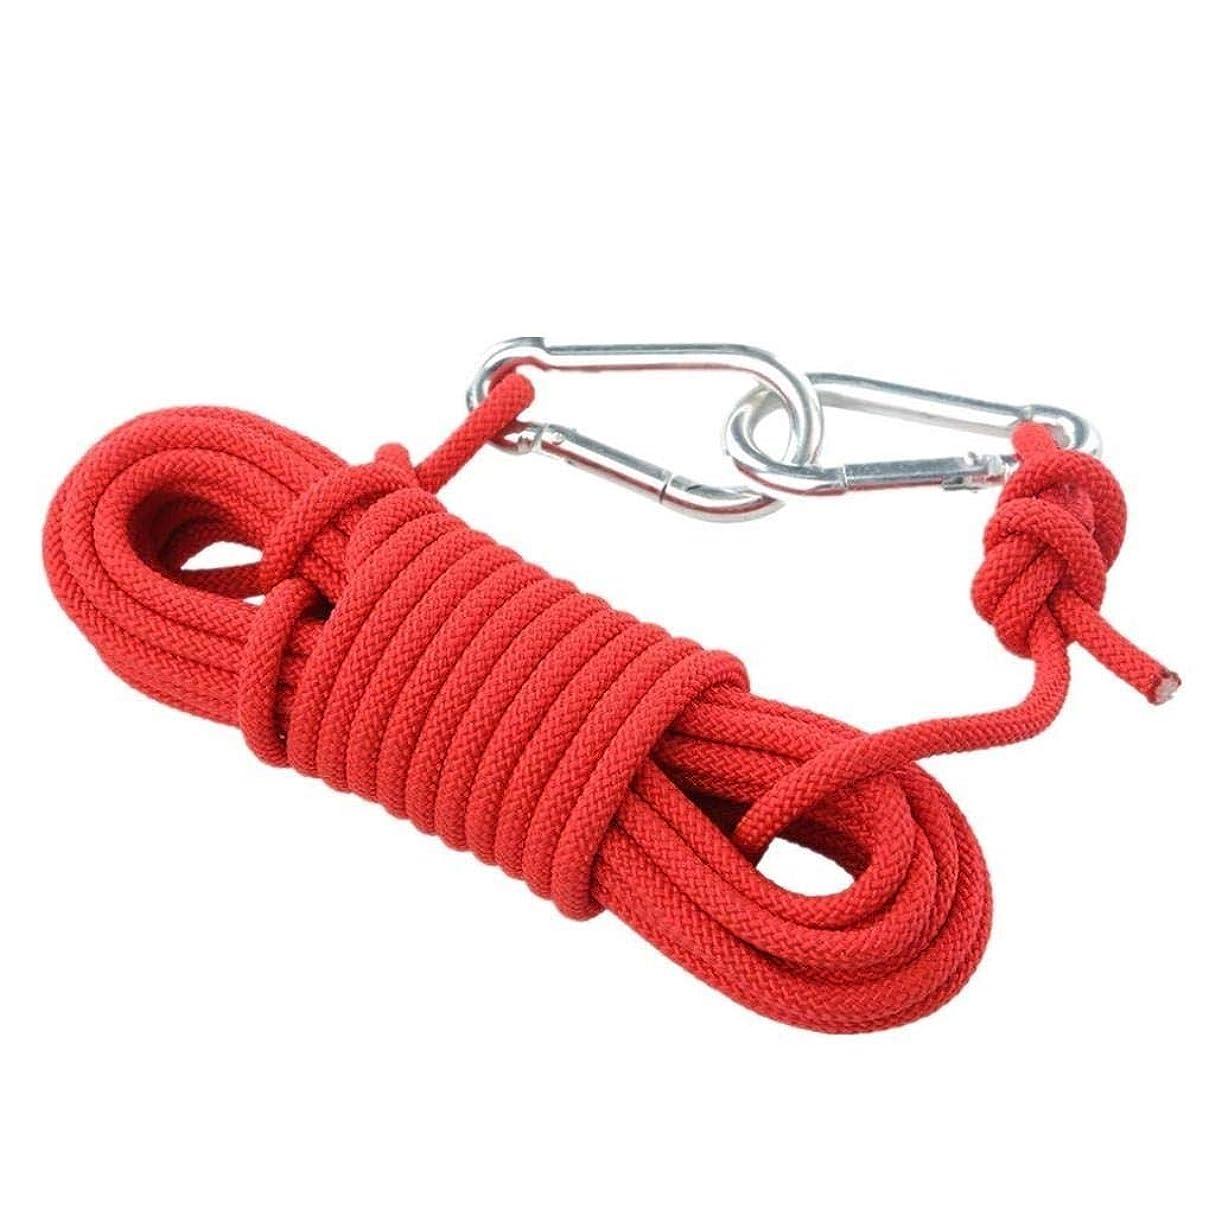 掘る思われるバンガロー登山ロープの家の火の緊急脱出ロープ、ハイキングの洞窟探検のキャンプの救助調査および工学保護のための多機能のコードの安全ロープ。 (Color : 赤, Size : 15m)